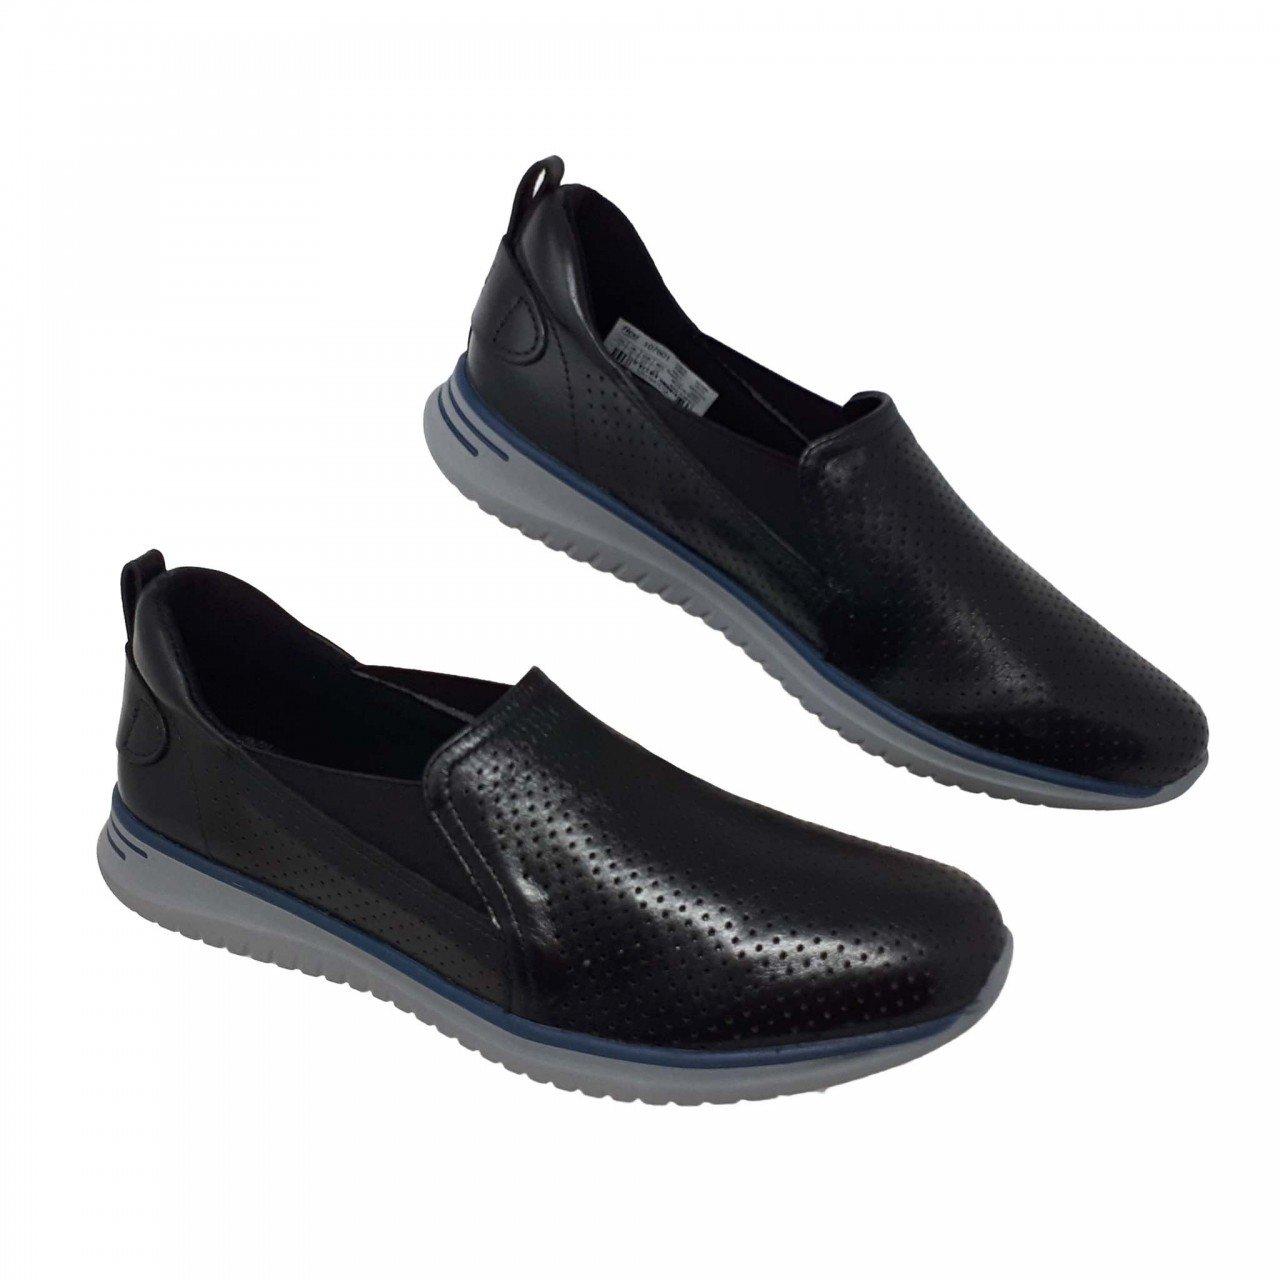 Zapato ligero negro para mujer en piel Flexi 107601